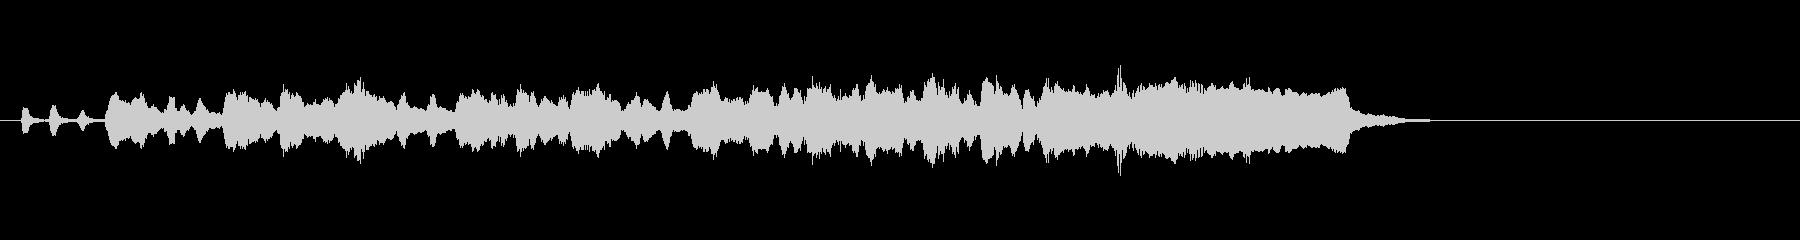 テーマ3B:ストリングス、ウッドウ...の未再生の波形